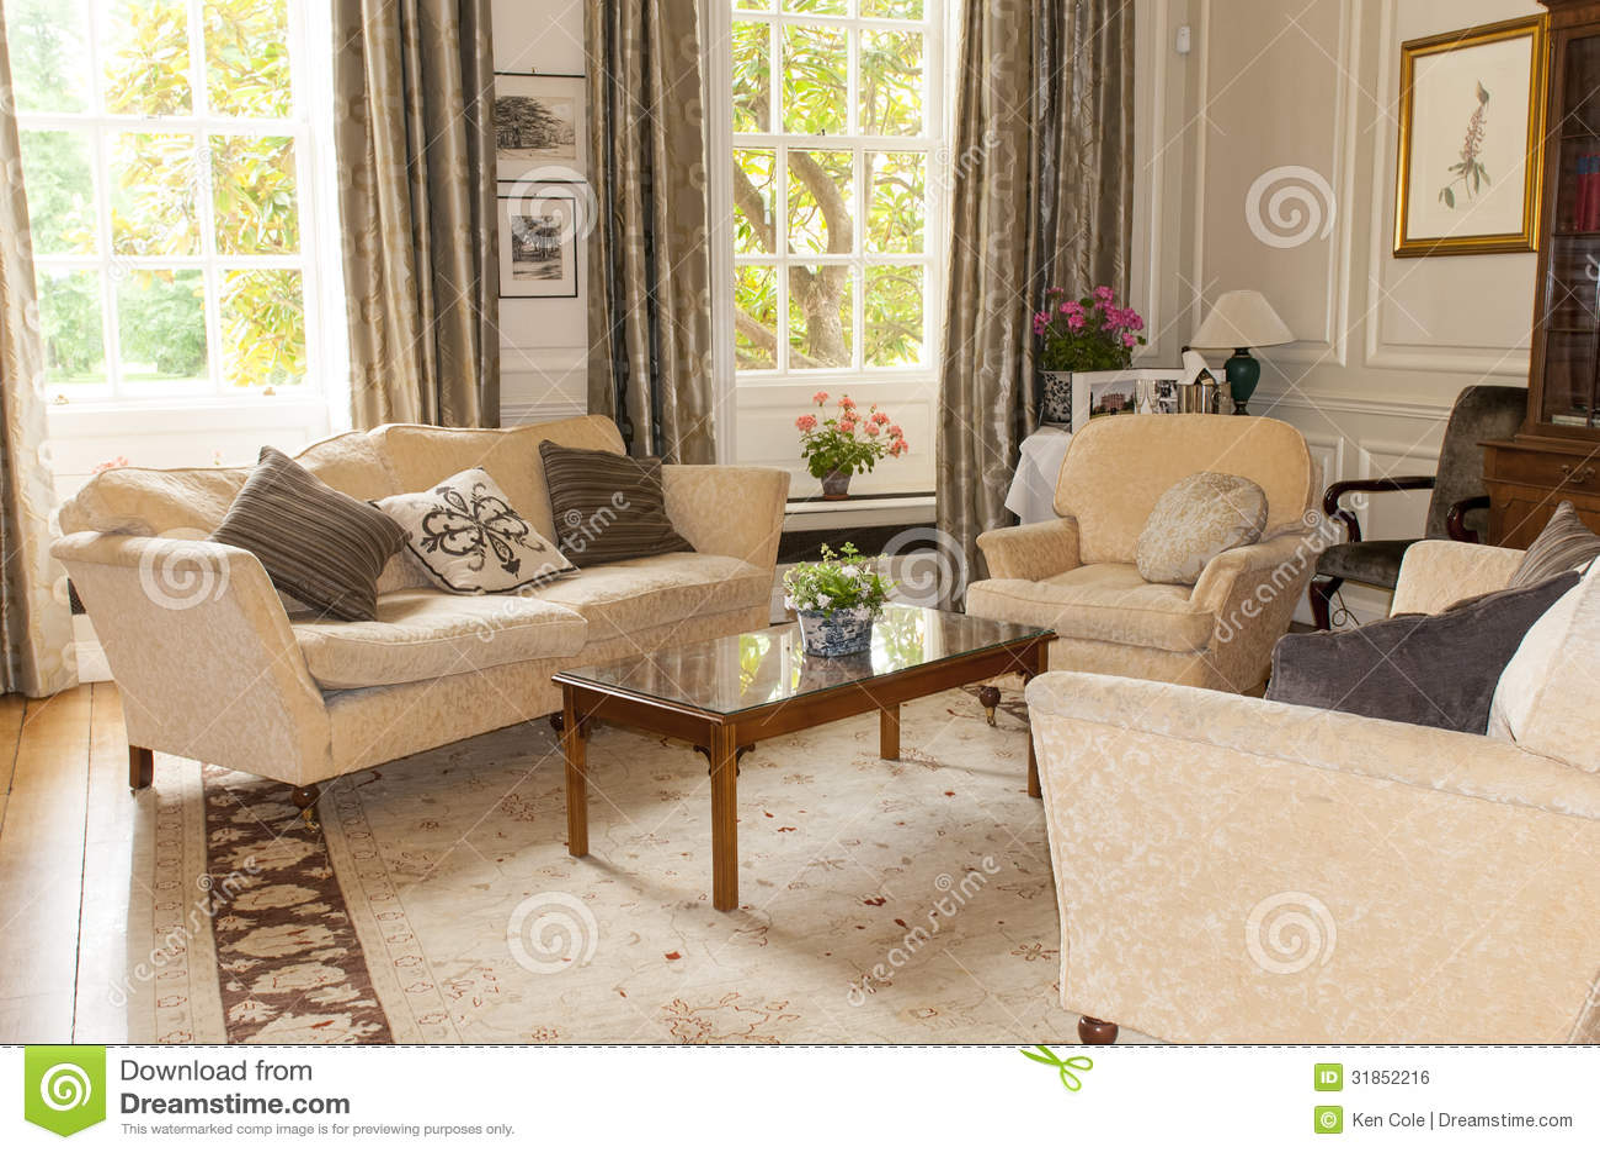 GroBartig Englische Teestube Oder Wohnzimmer